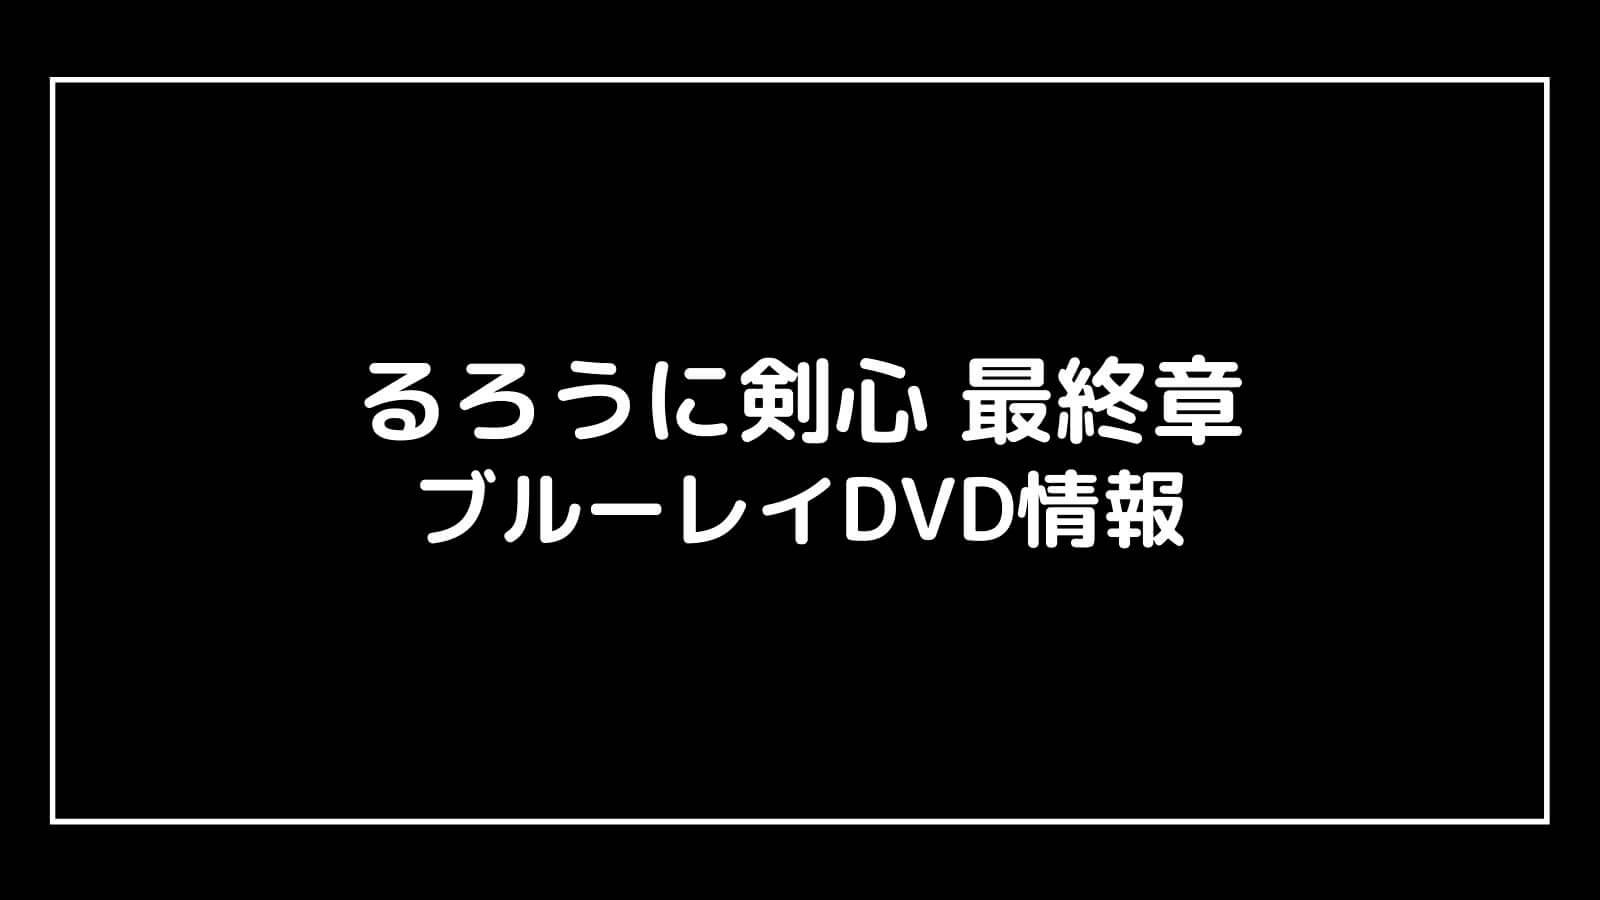 映画『るろうに剣心 最終章』のDVD発売日と予約開始日はいつから?円盤情報まとめ